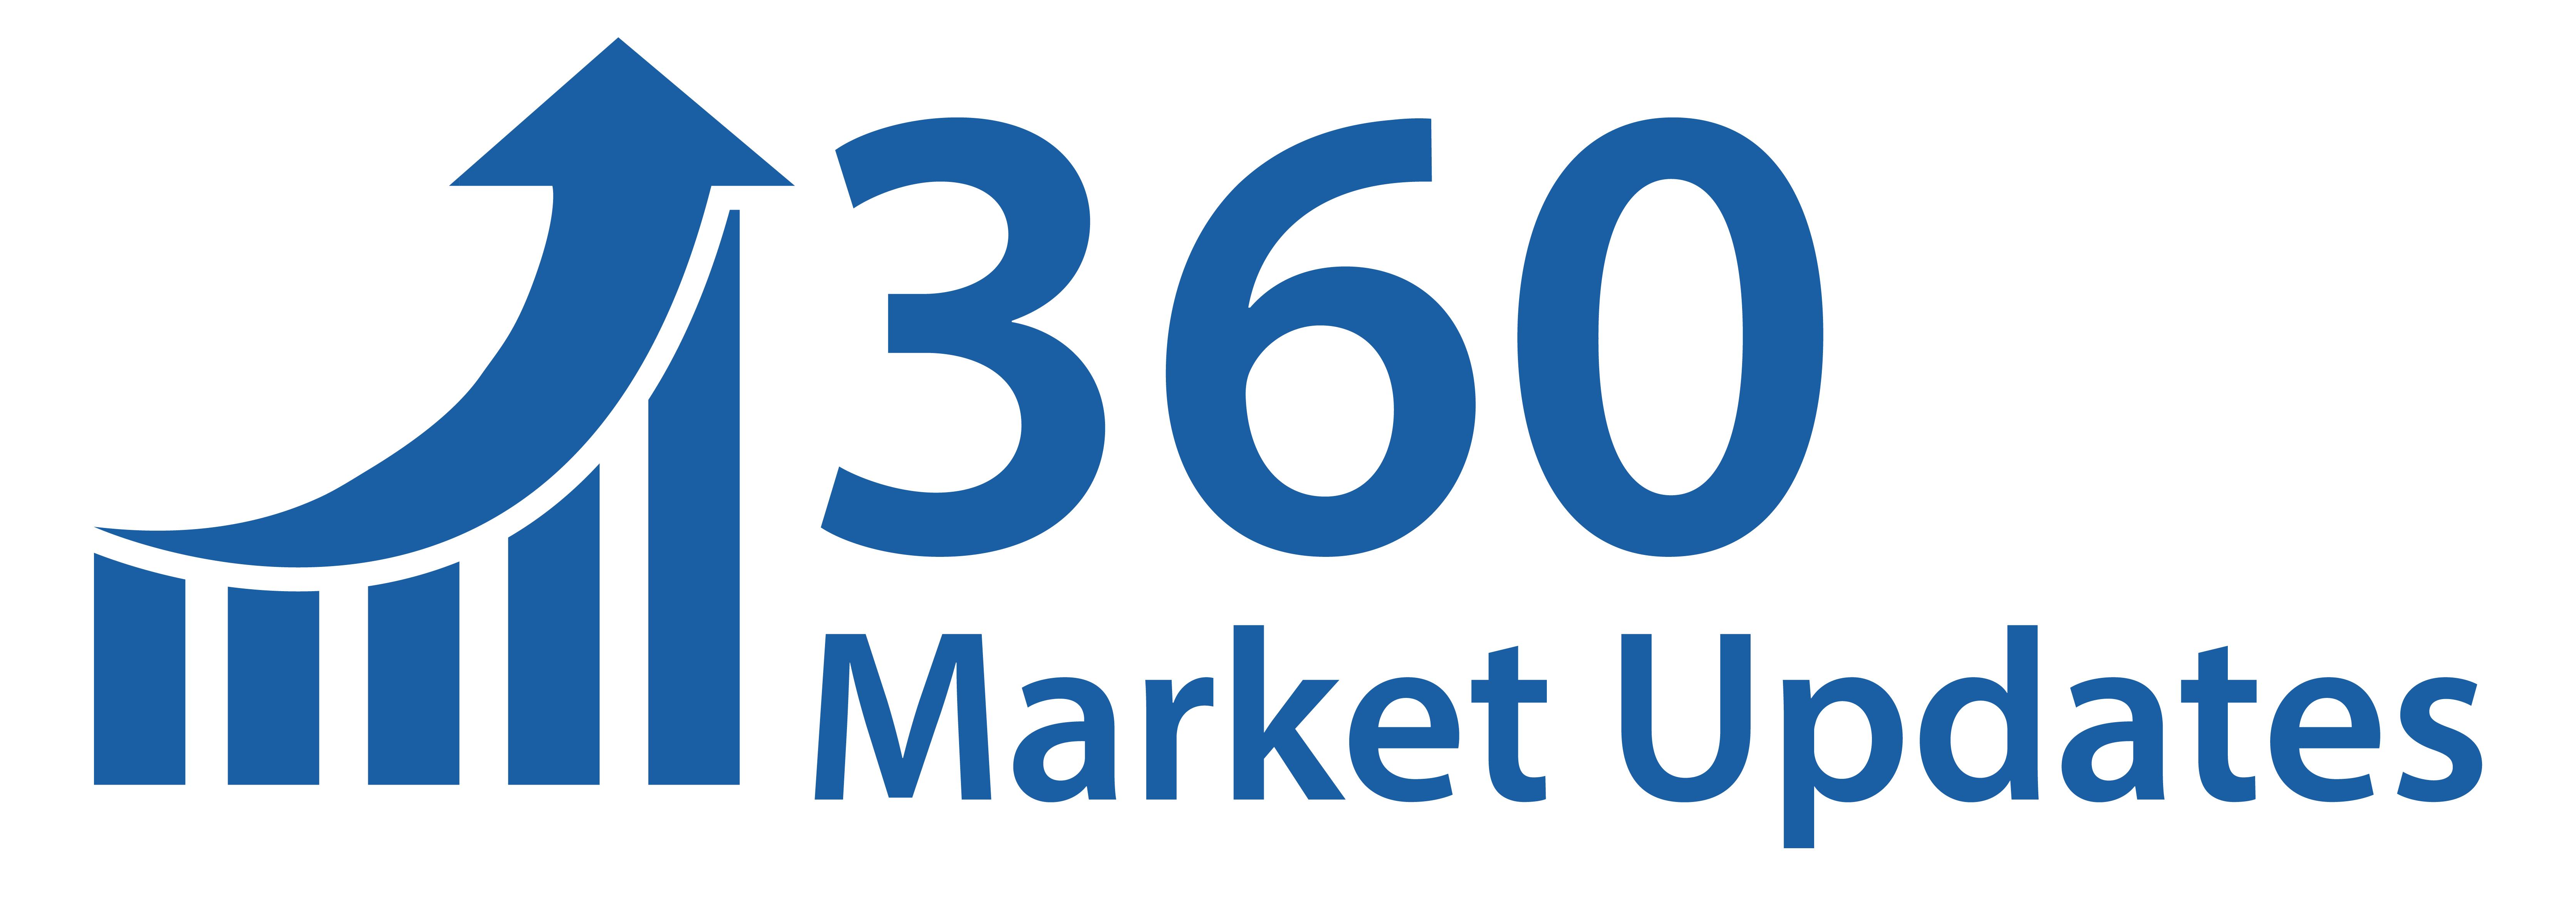 Polyurethan-Dispersionsmarkt - Globale Länderdaten, 2020 Global Share, Geschäftswachstum, Trend, Segmentierung, Top Key Player Analysis Industry, Marktgröße & Wachstum, Chancen und Prognose bis 2026